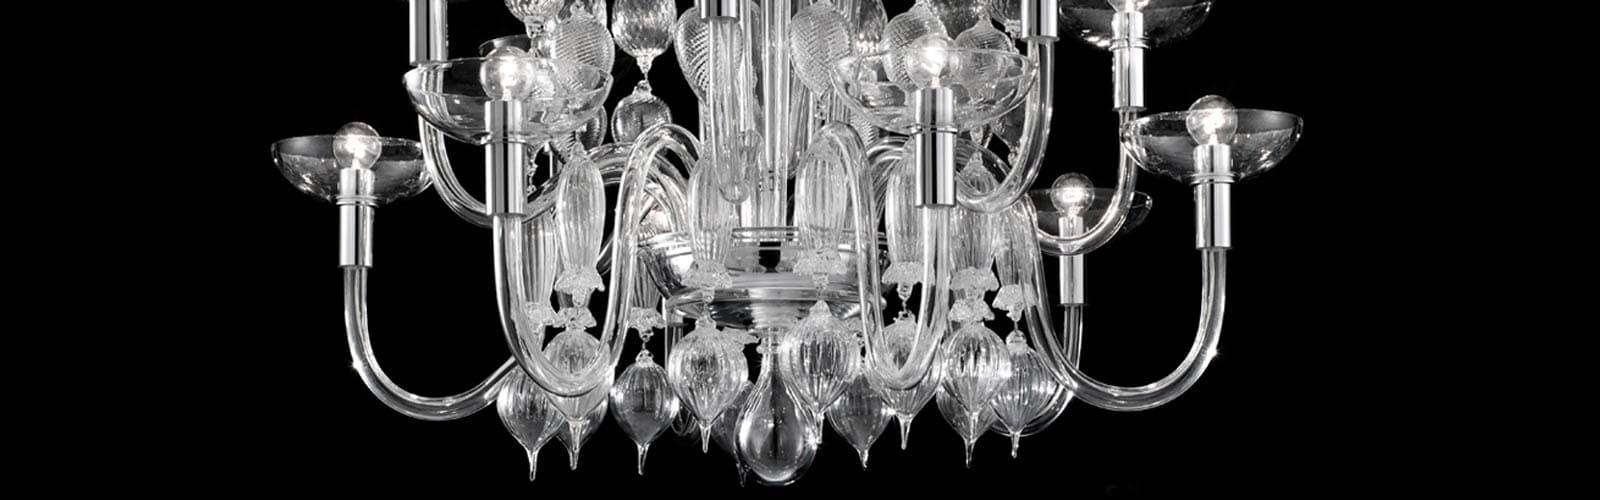 Venini lampadari design Carlo Scarpa vetro di Murano Reggio Caalbria regali liste nozze